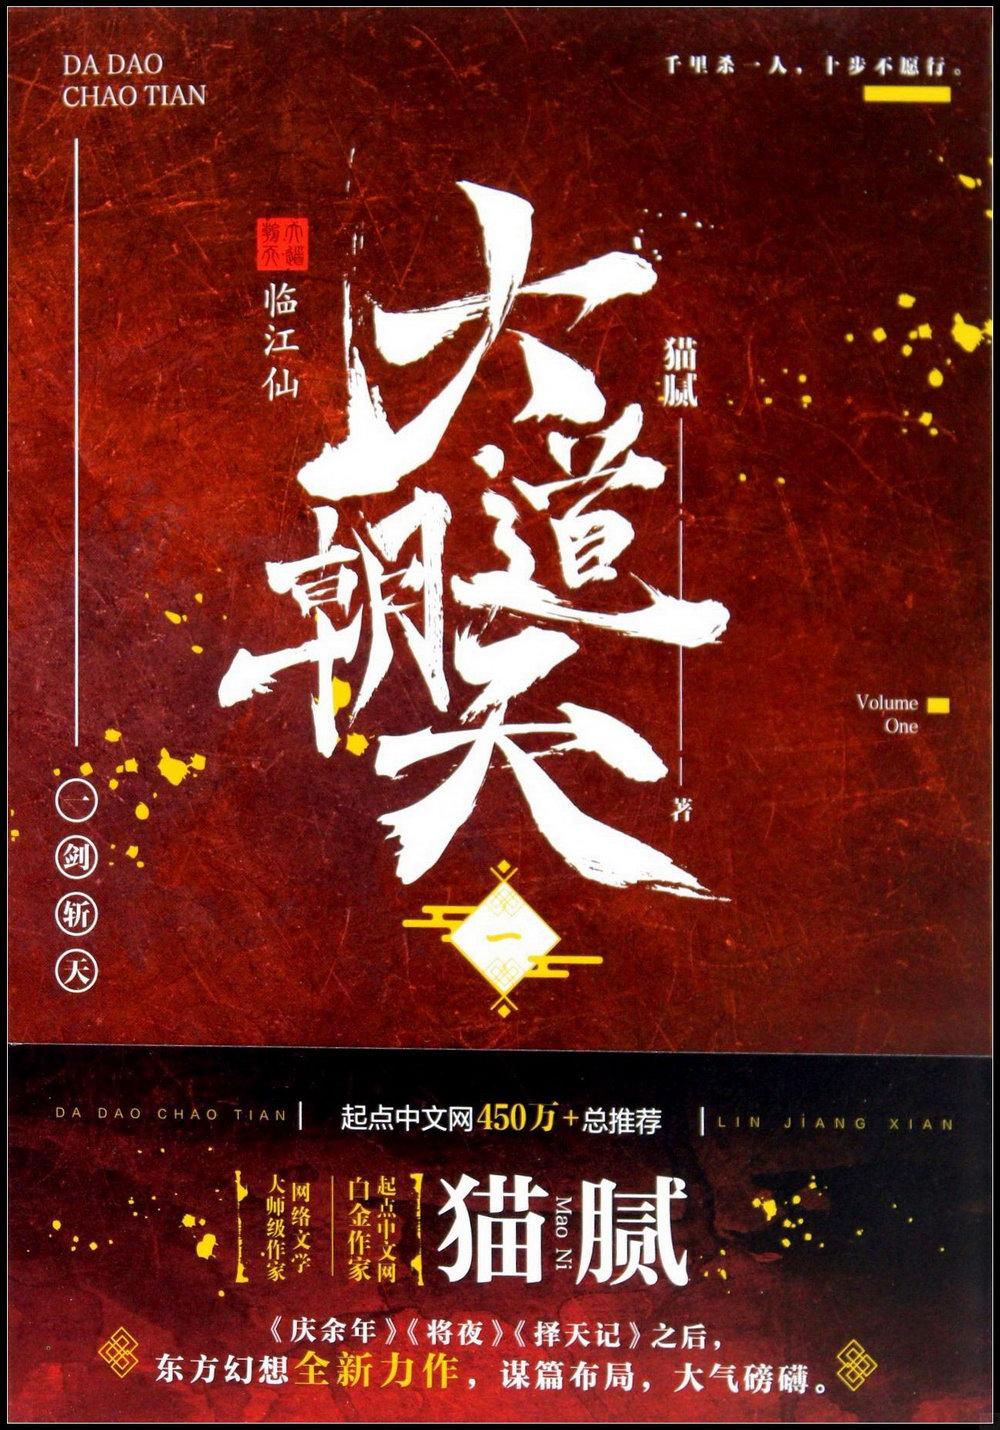 大道朝天(1):臨江仙